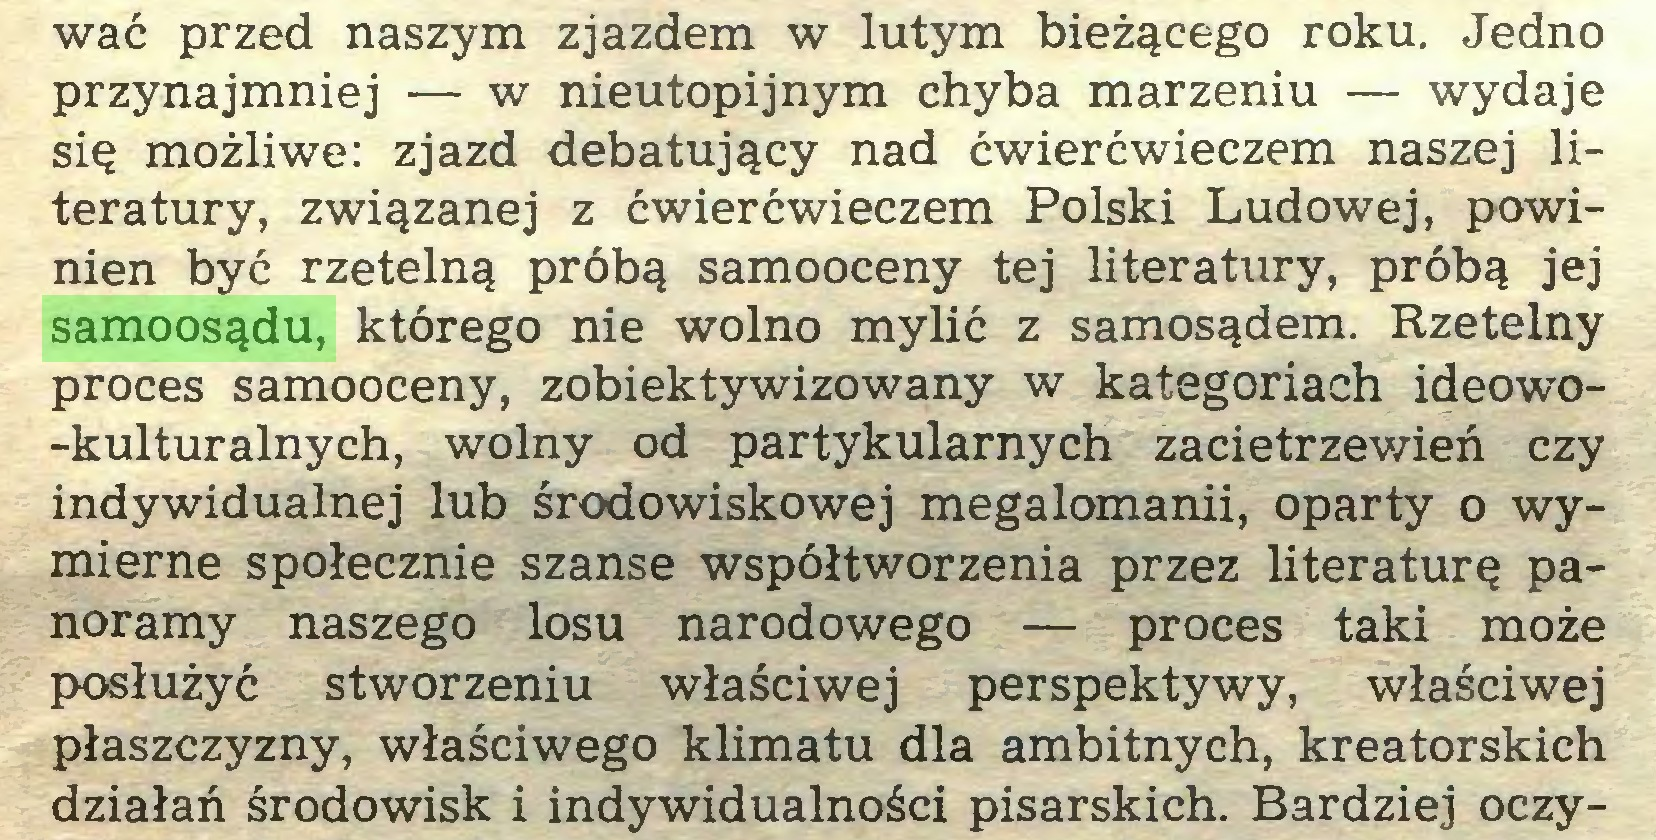 (...) wać przed naszym zjazdem w lutym bieżącego roku. Jedno przynajmniej — w nieutopijnym chyba marzeniu — wydaje się możliwe: zjazd debatujący nad ćwierćwieczem naszej literatury, związanej z ćwierćwieczem Polski Ludowej, powinien być rzetelną próbą samooceny tej literatury, próbą jej samoosądu, którego nie wolno mylić z samosądem. Rzetelny proces samooceny, zobiektywizowany w kategoriach ideowo-kulturalnych, wolny od partykularnych zacietrzewień czy indywidualnej lub środowiskowej megalomanii, oparty o wymierne społecznie szanse współtworzenia przez literaturę panoramy naszego losu narodowego — proces taki może posłużyć stworzeniu właściwej perspektywy, właściwej płaszczyzny, właściwego klimatu dla ambitnych, kreatorskich działań środowisk i indywidualności pisarskich. Bardziej oczy...